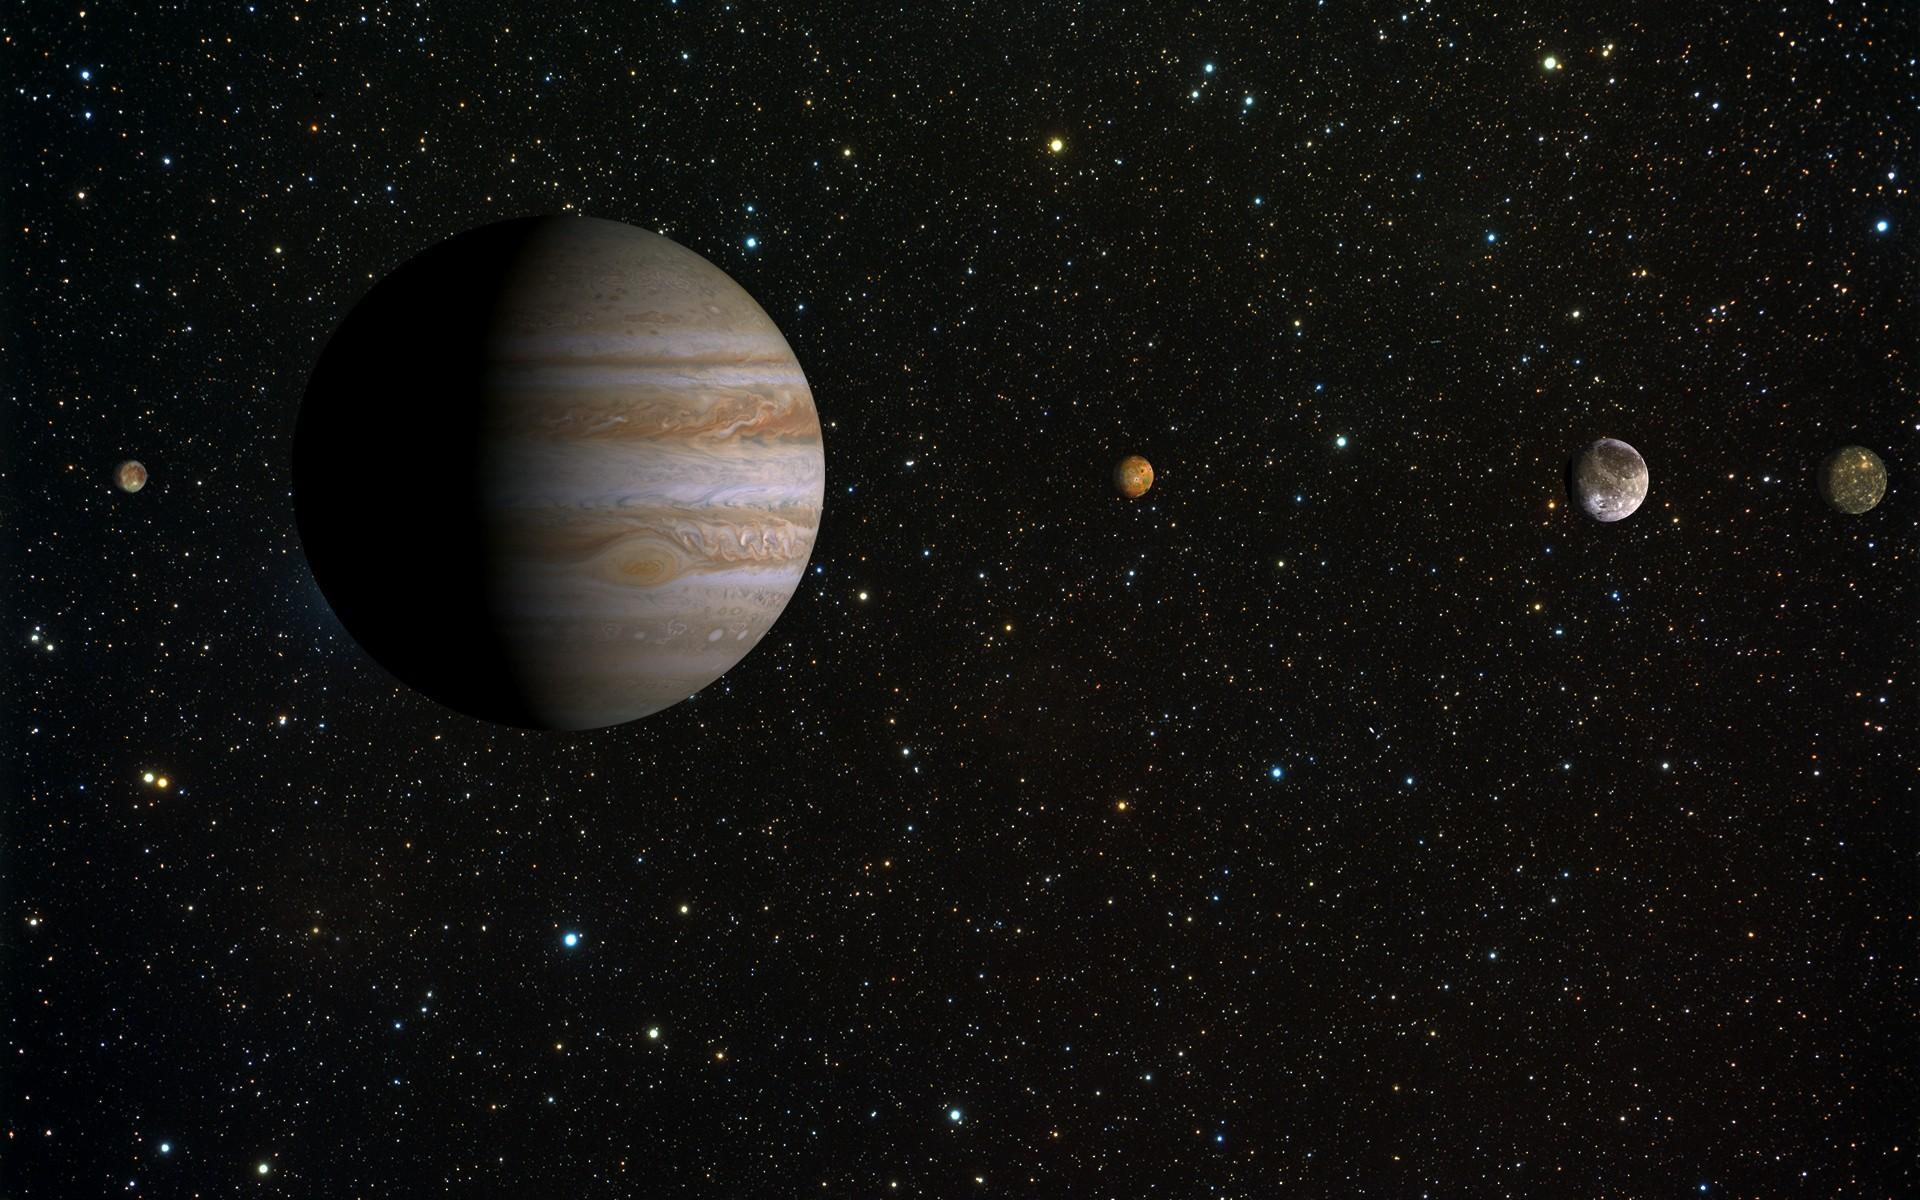 собралось картинки космос планета юпитер наклейки магниты для